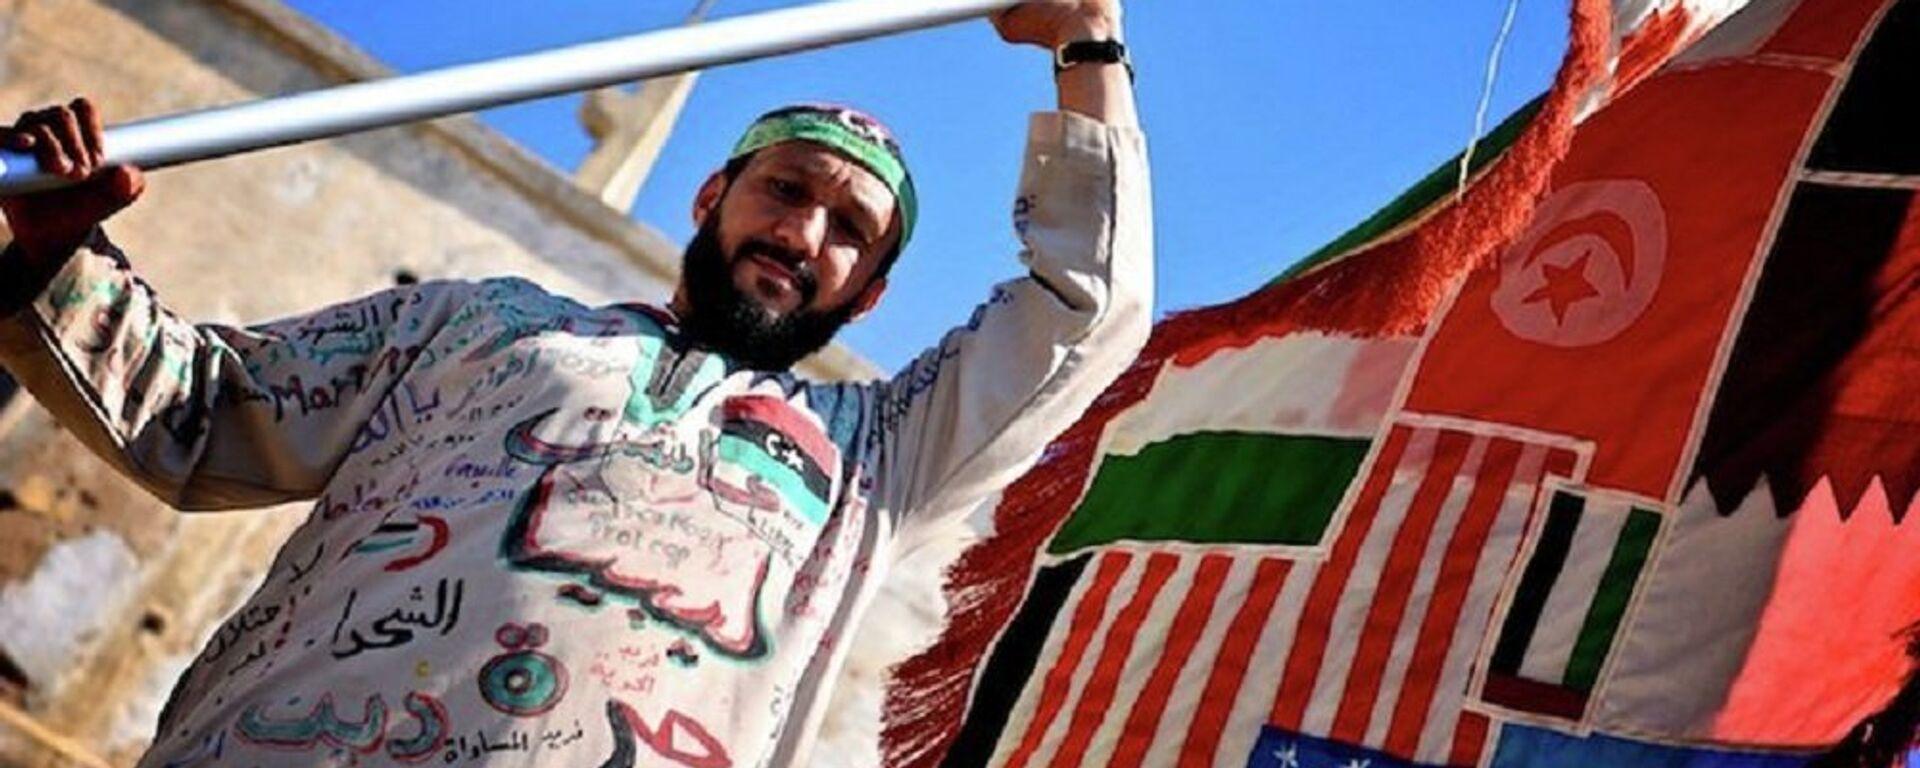 Un uomo tiene la bandiera di tutti i paesi coinvolti nella guerra civile in Libia - Sputnik Italia, 1920, 10.06.2021